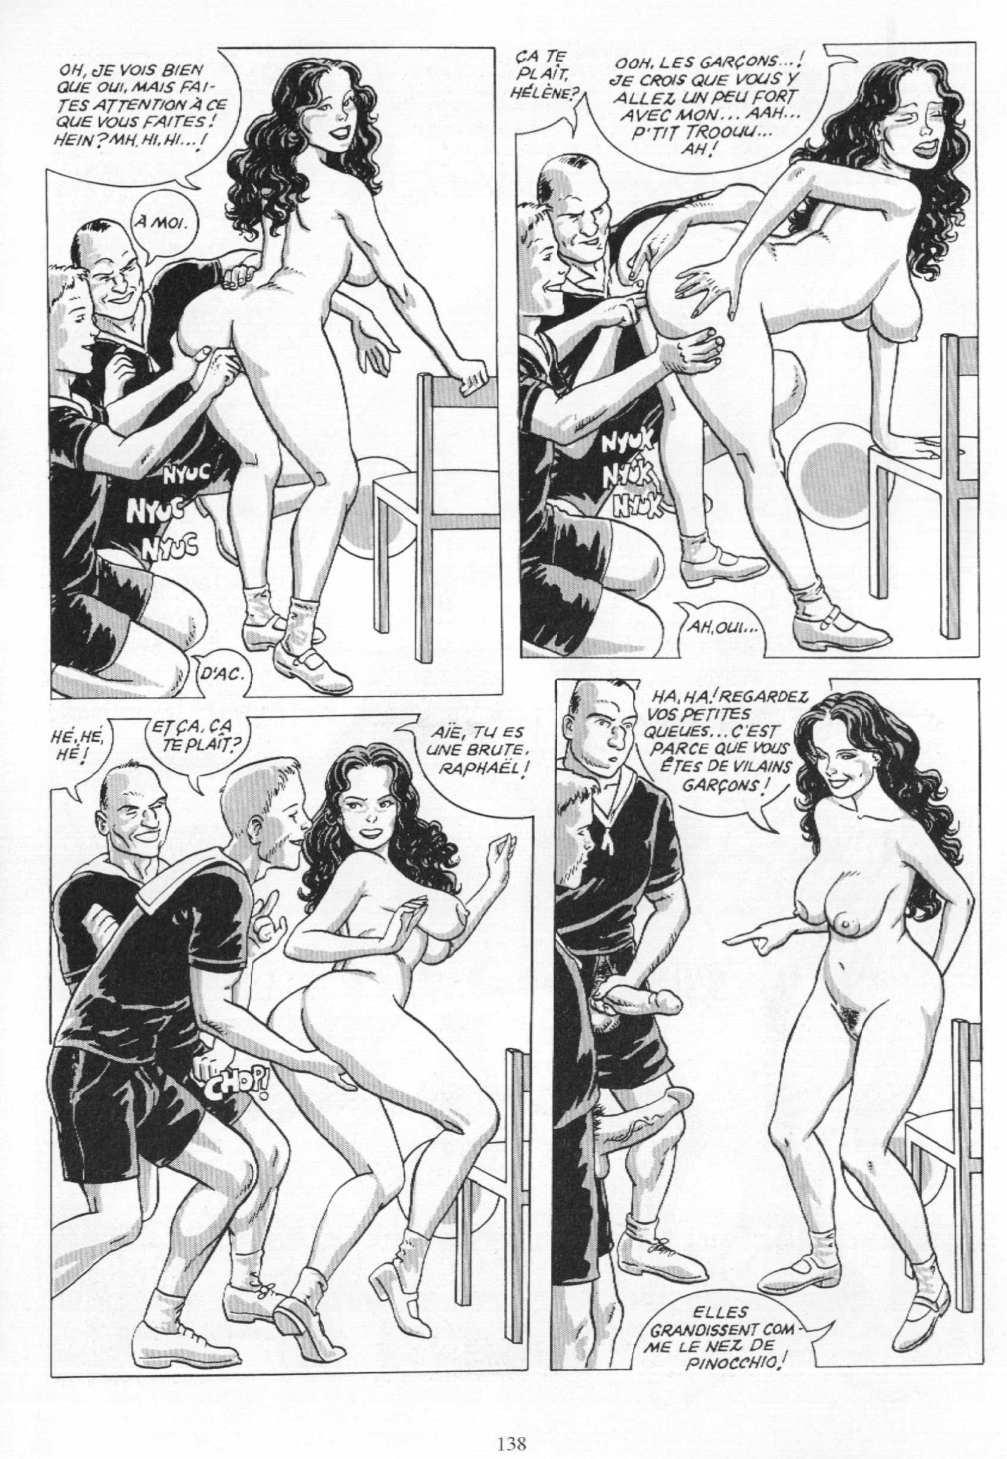 Sexe de bande dessinée téléchargeable